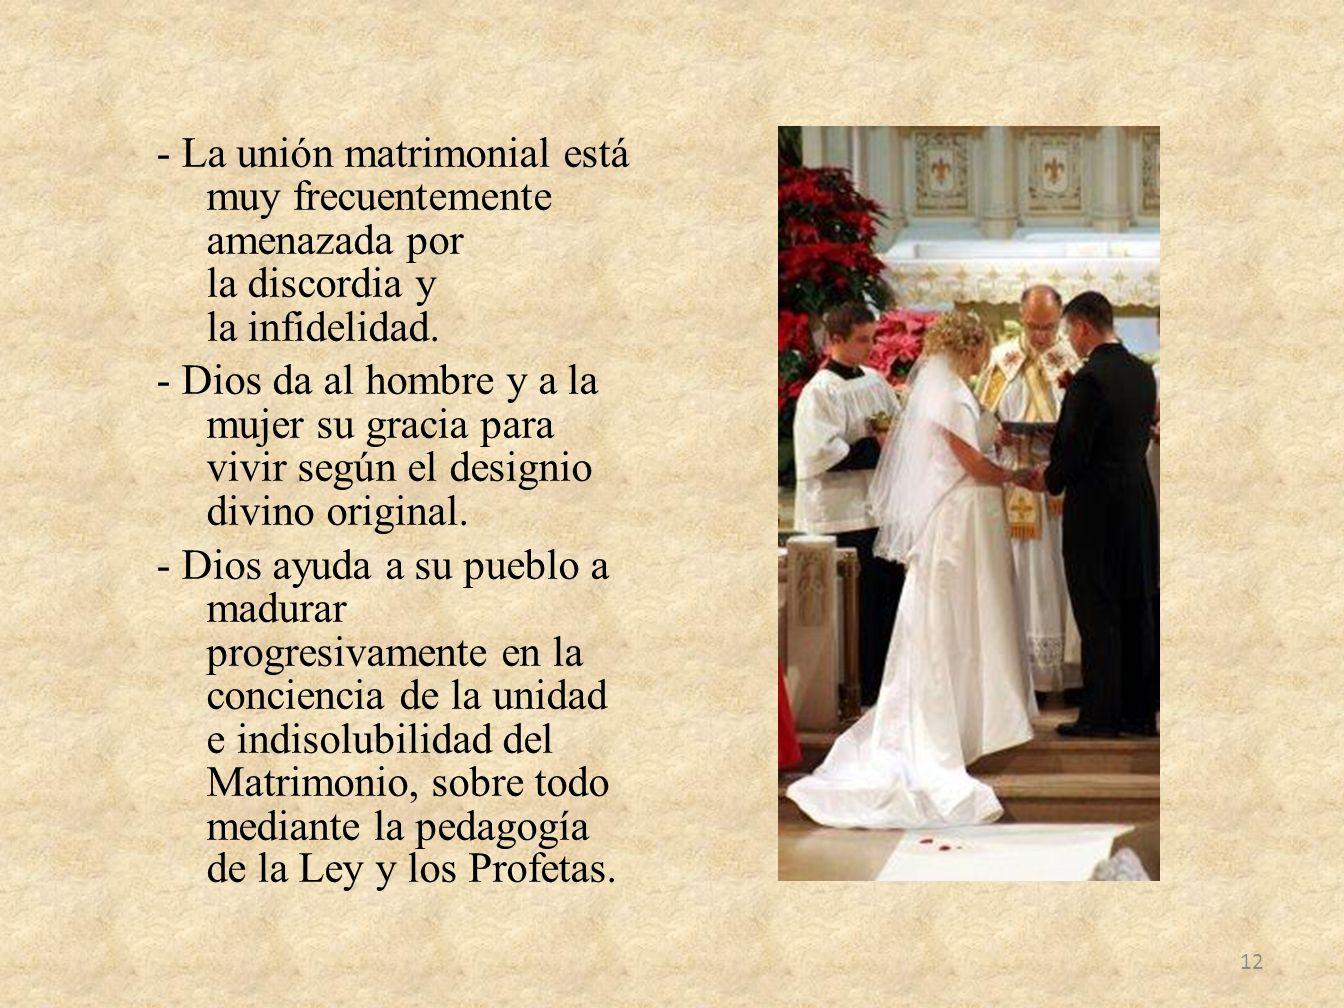 - La unión matrimonial está muy frecuentemente amenazada por la discordia y la infidelidad.